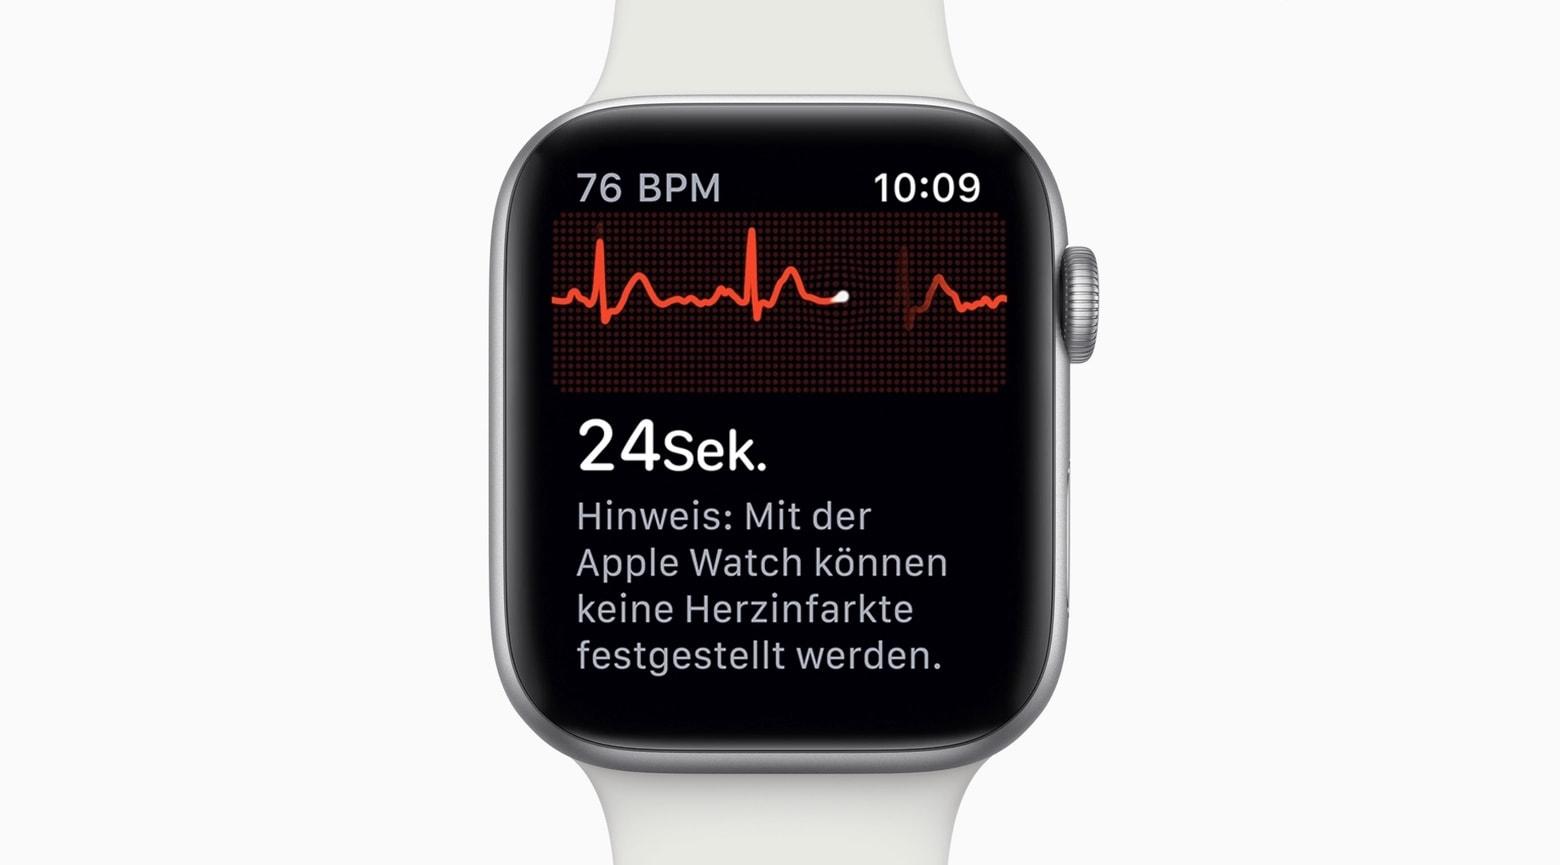 Apple Watch ECG debuted in Germany last week.